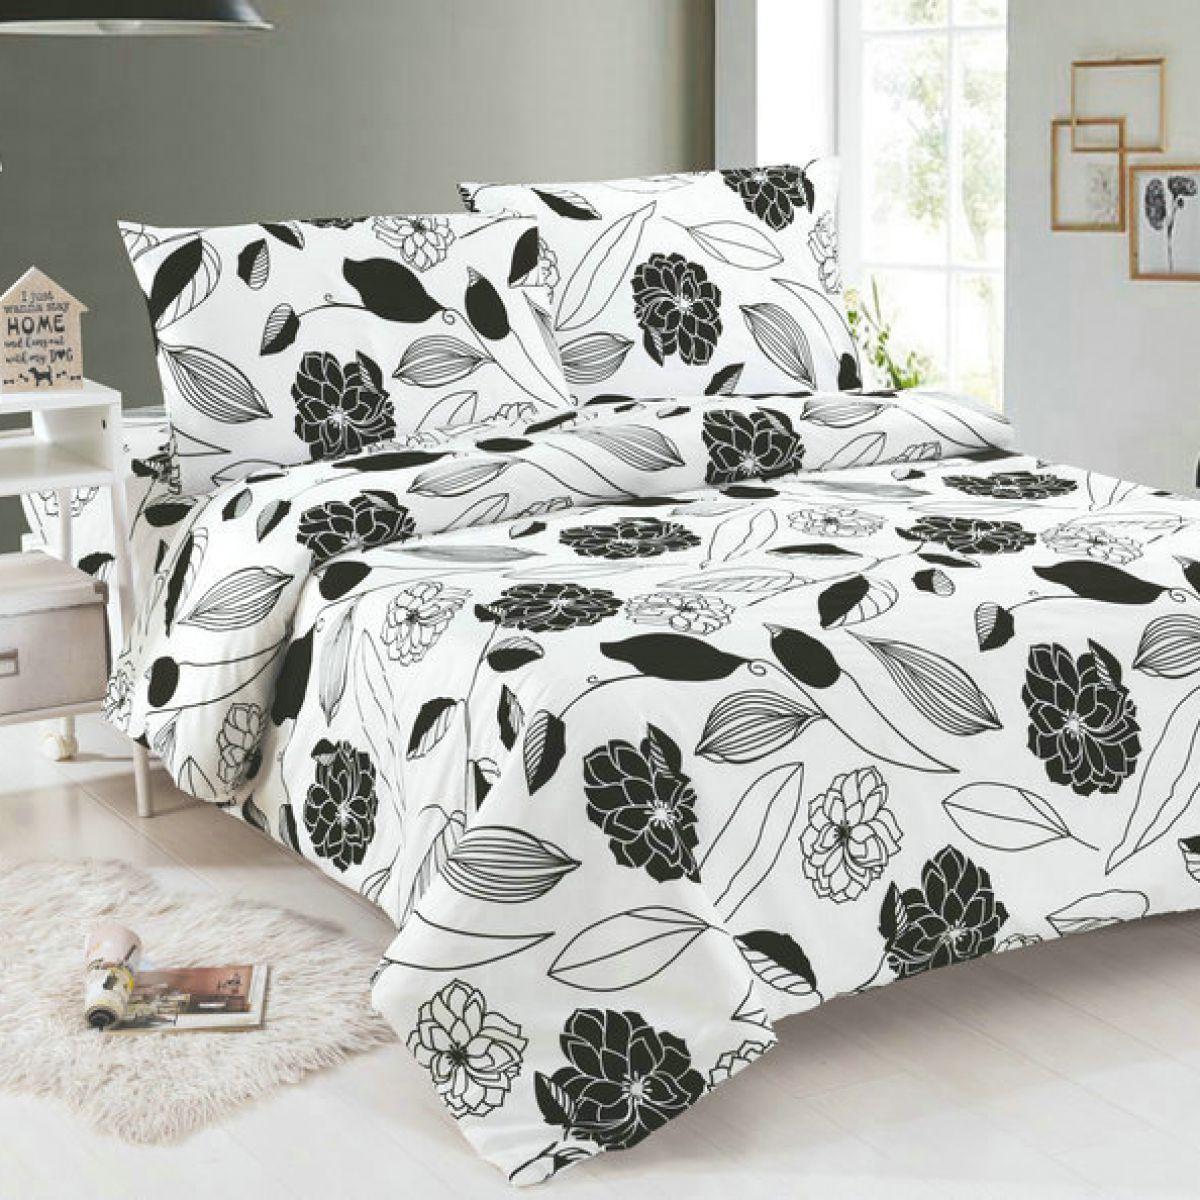 Cheap Beddings - TPR-021 - 160x200 cm - 3 pcs